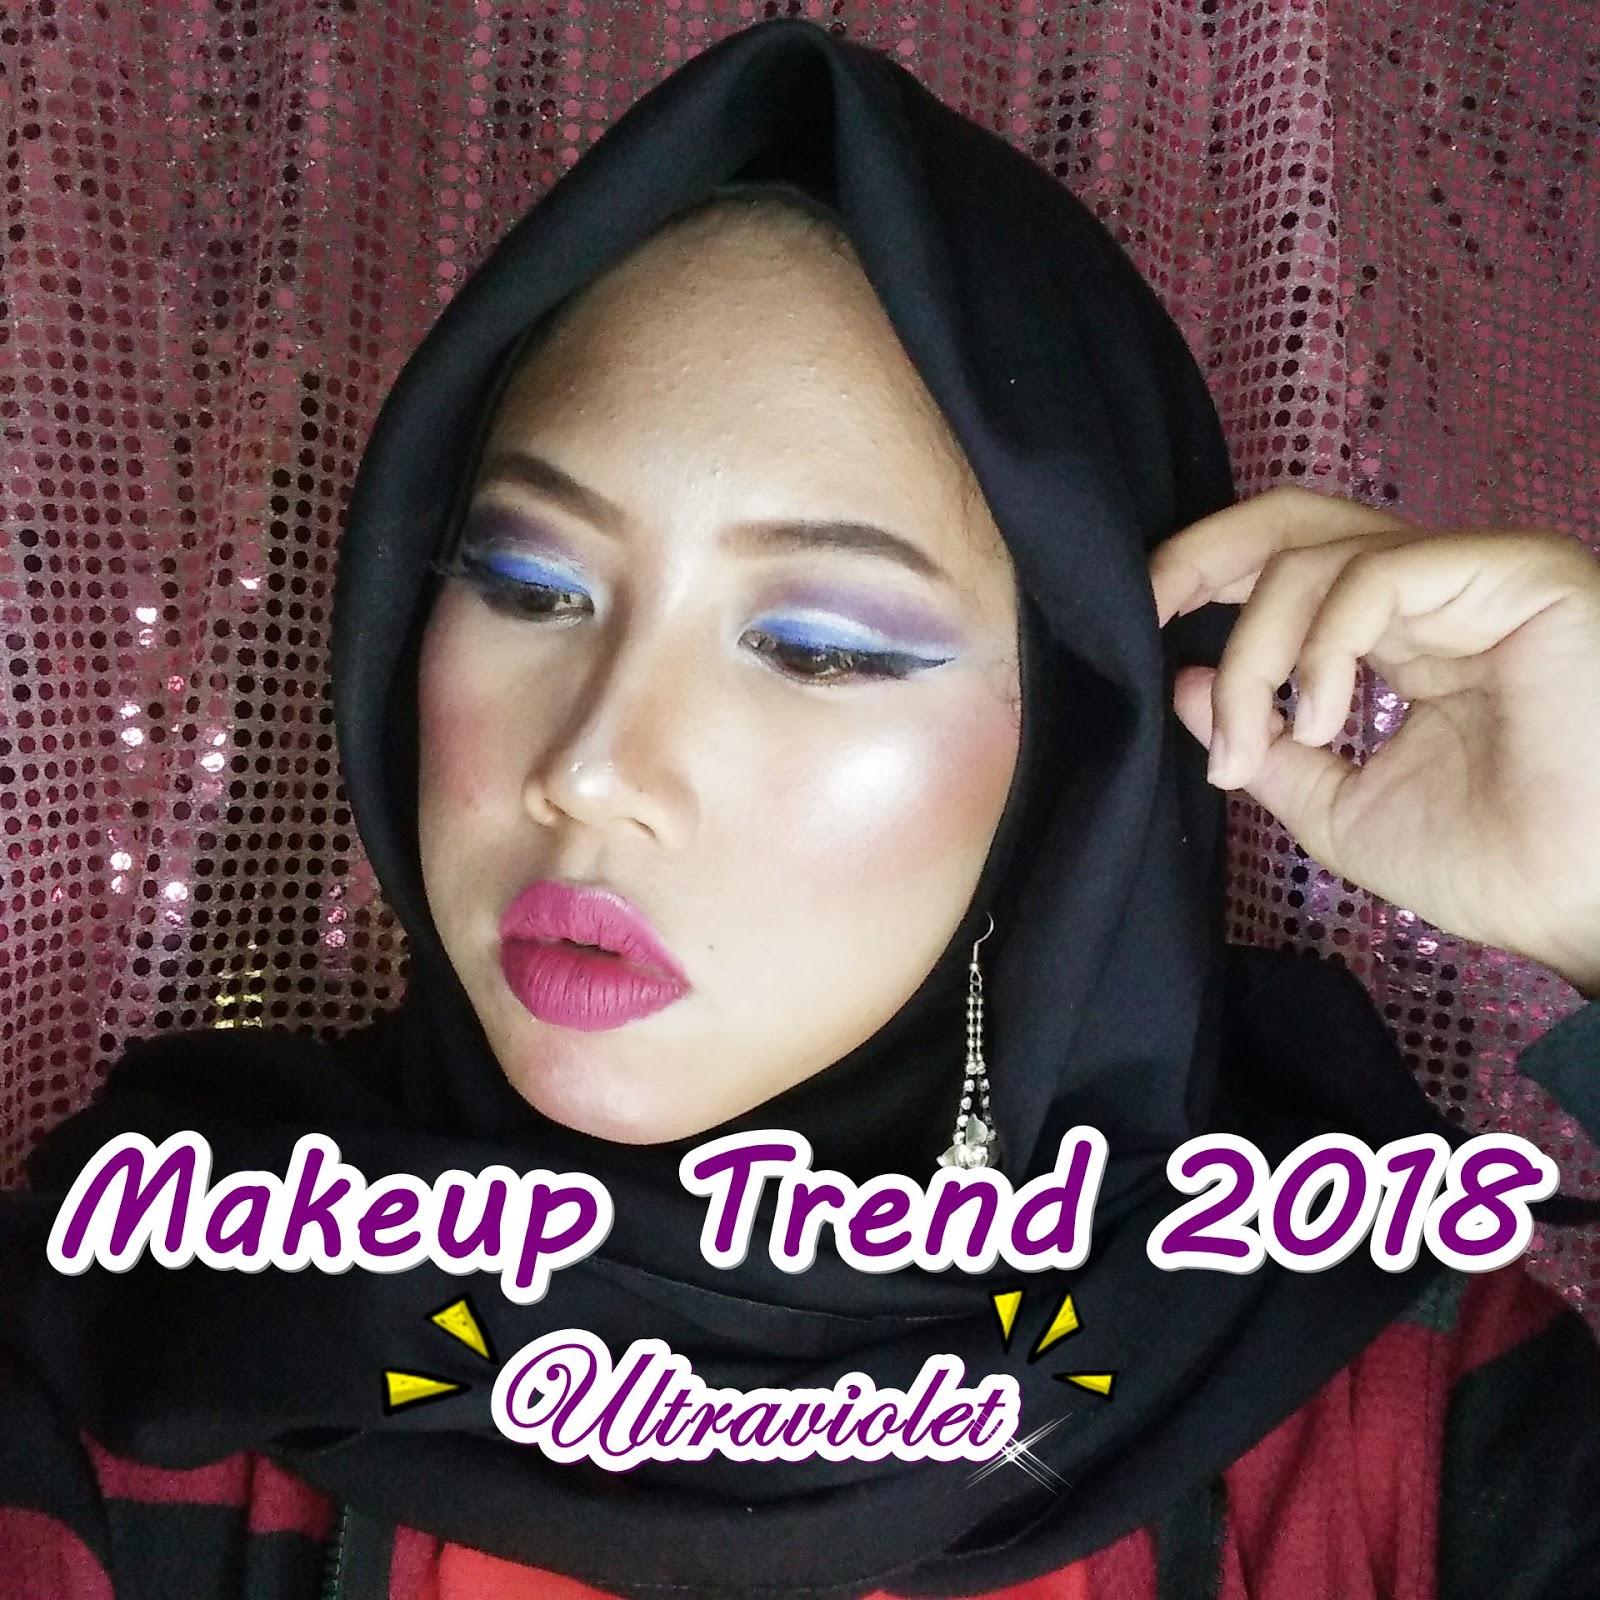 Trend Makeup Ultraviolet 2018